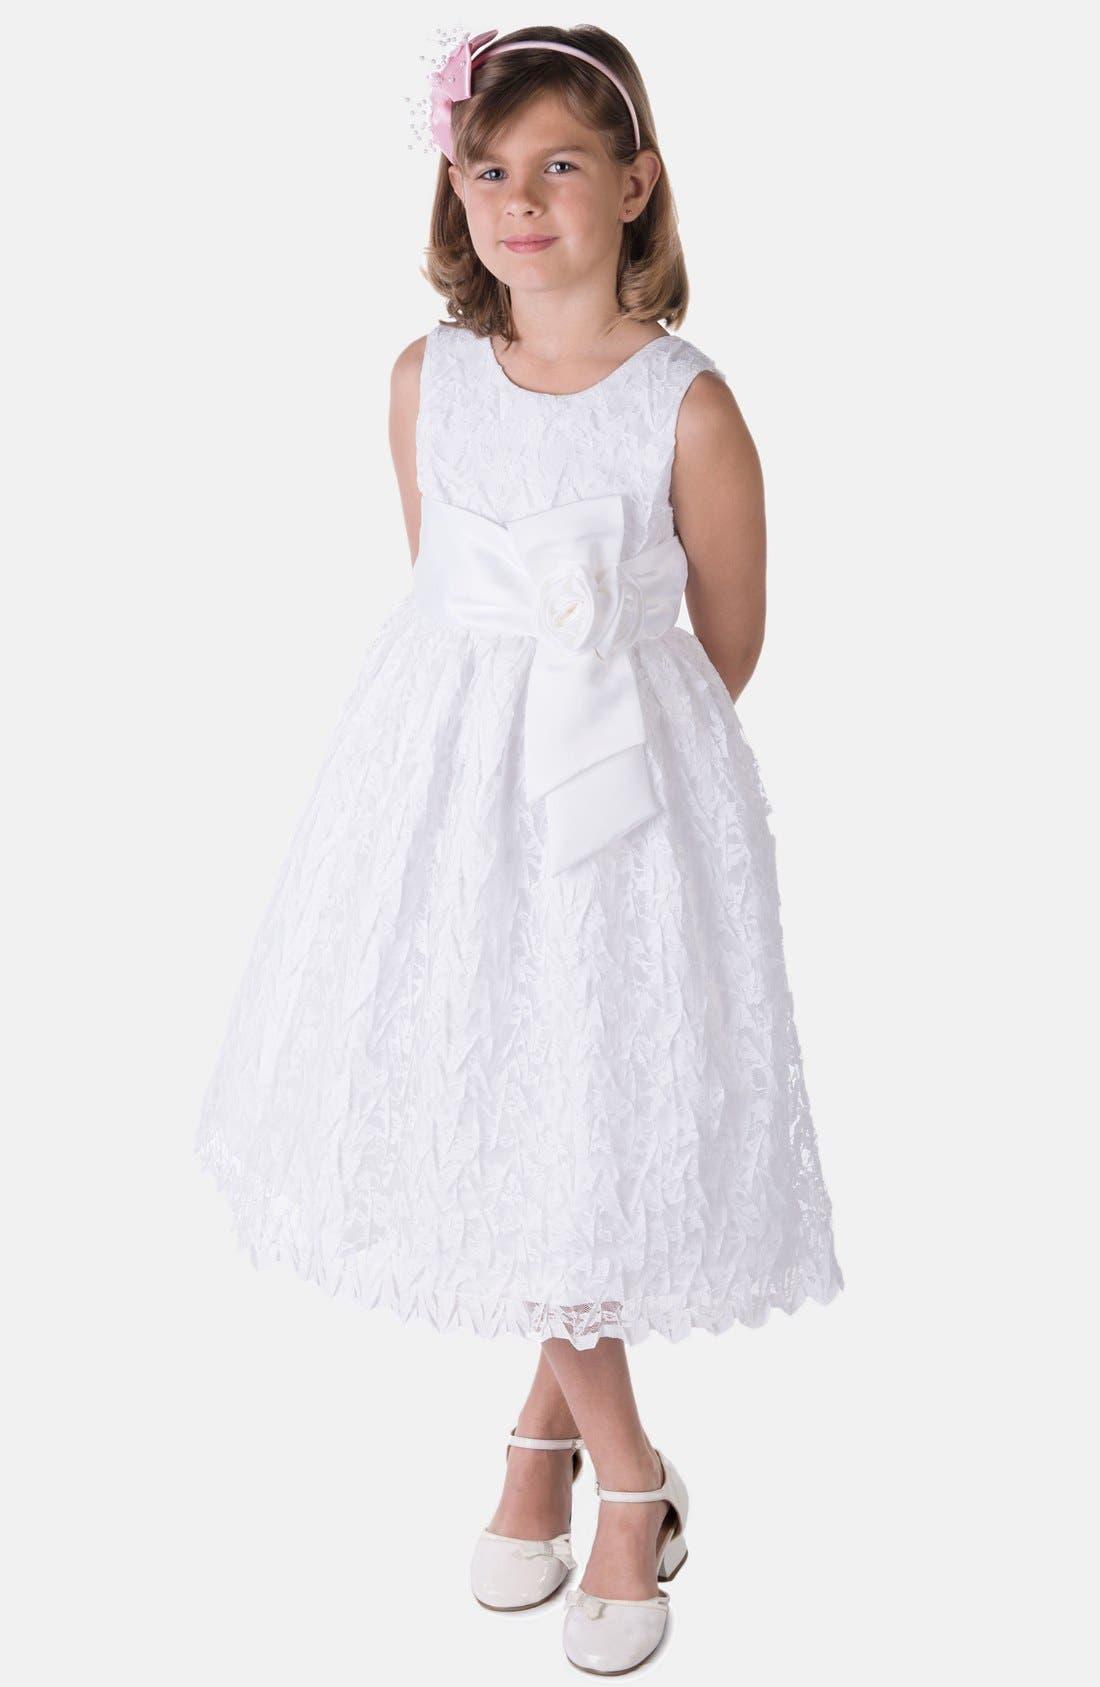 Alternate Image 1 Selected - C.I. Castro & Co. Sleeveless Lace Dress (Big Girls)